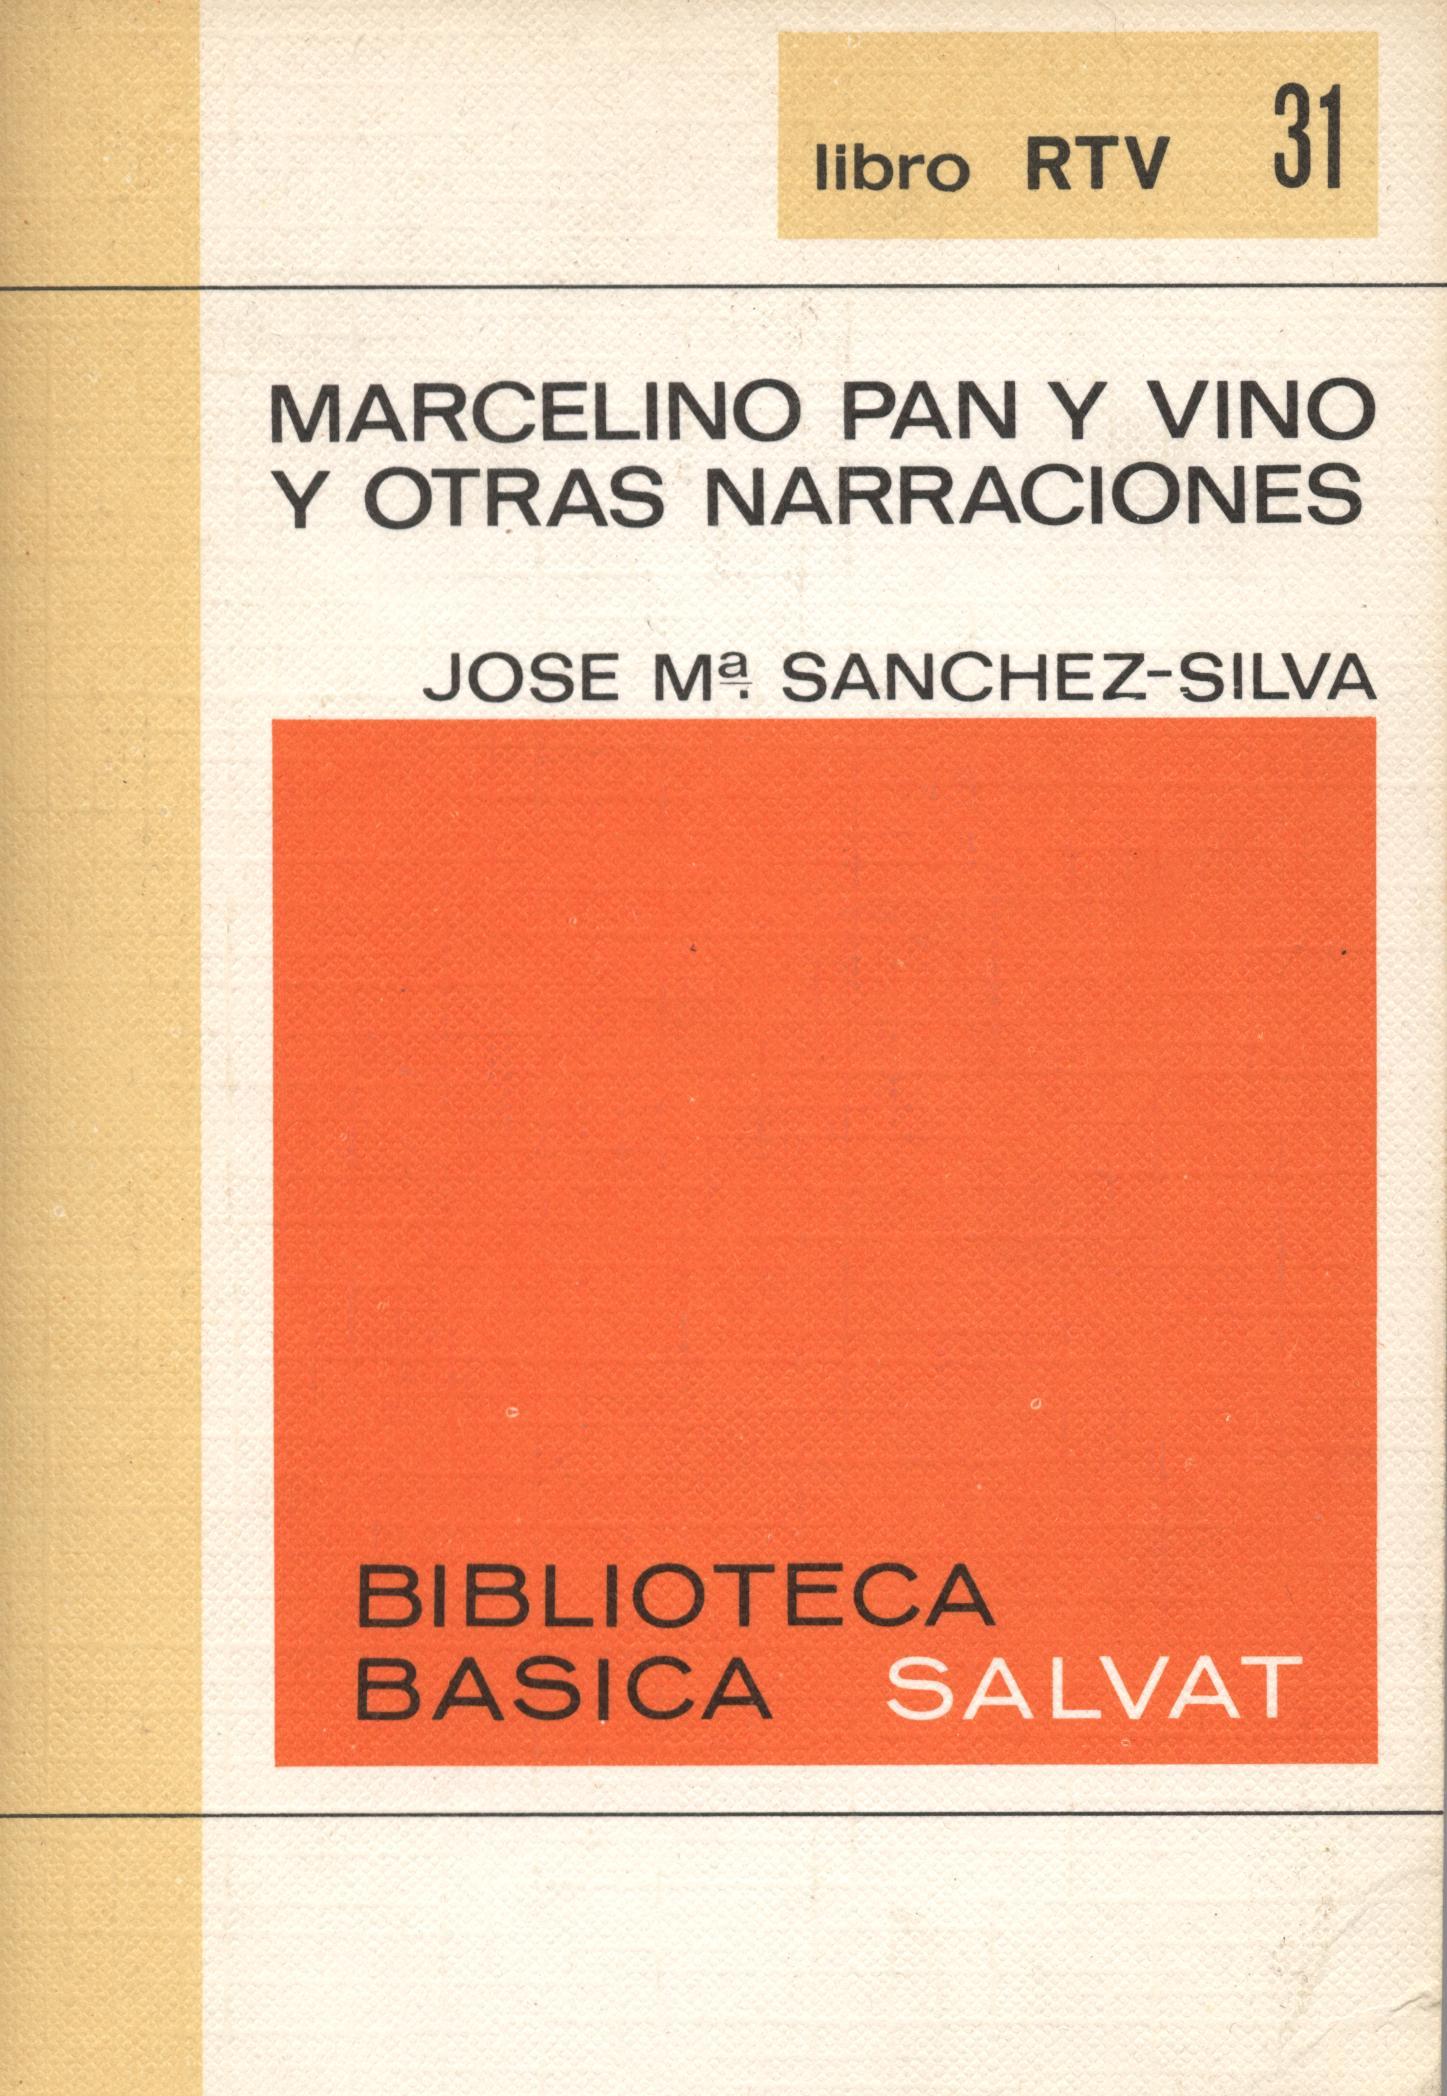 Venta online de libros de ocasión como Marcelino pan y vino y otras narraciones - José Ma. Sanchez-Silva en bratac.cat